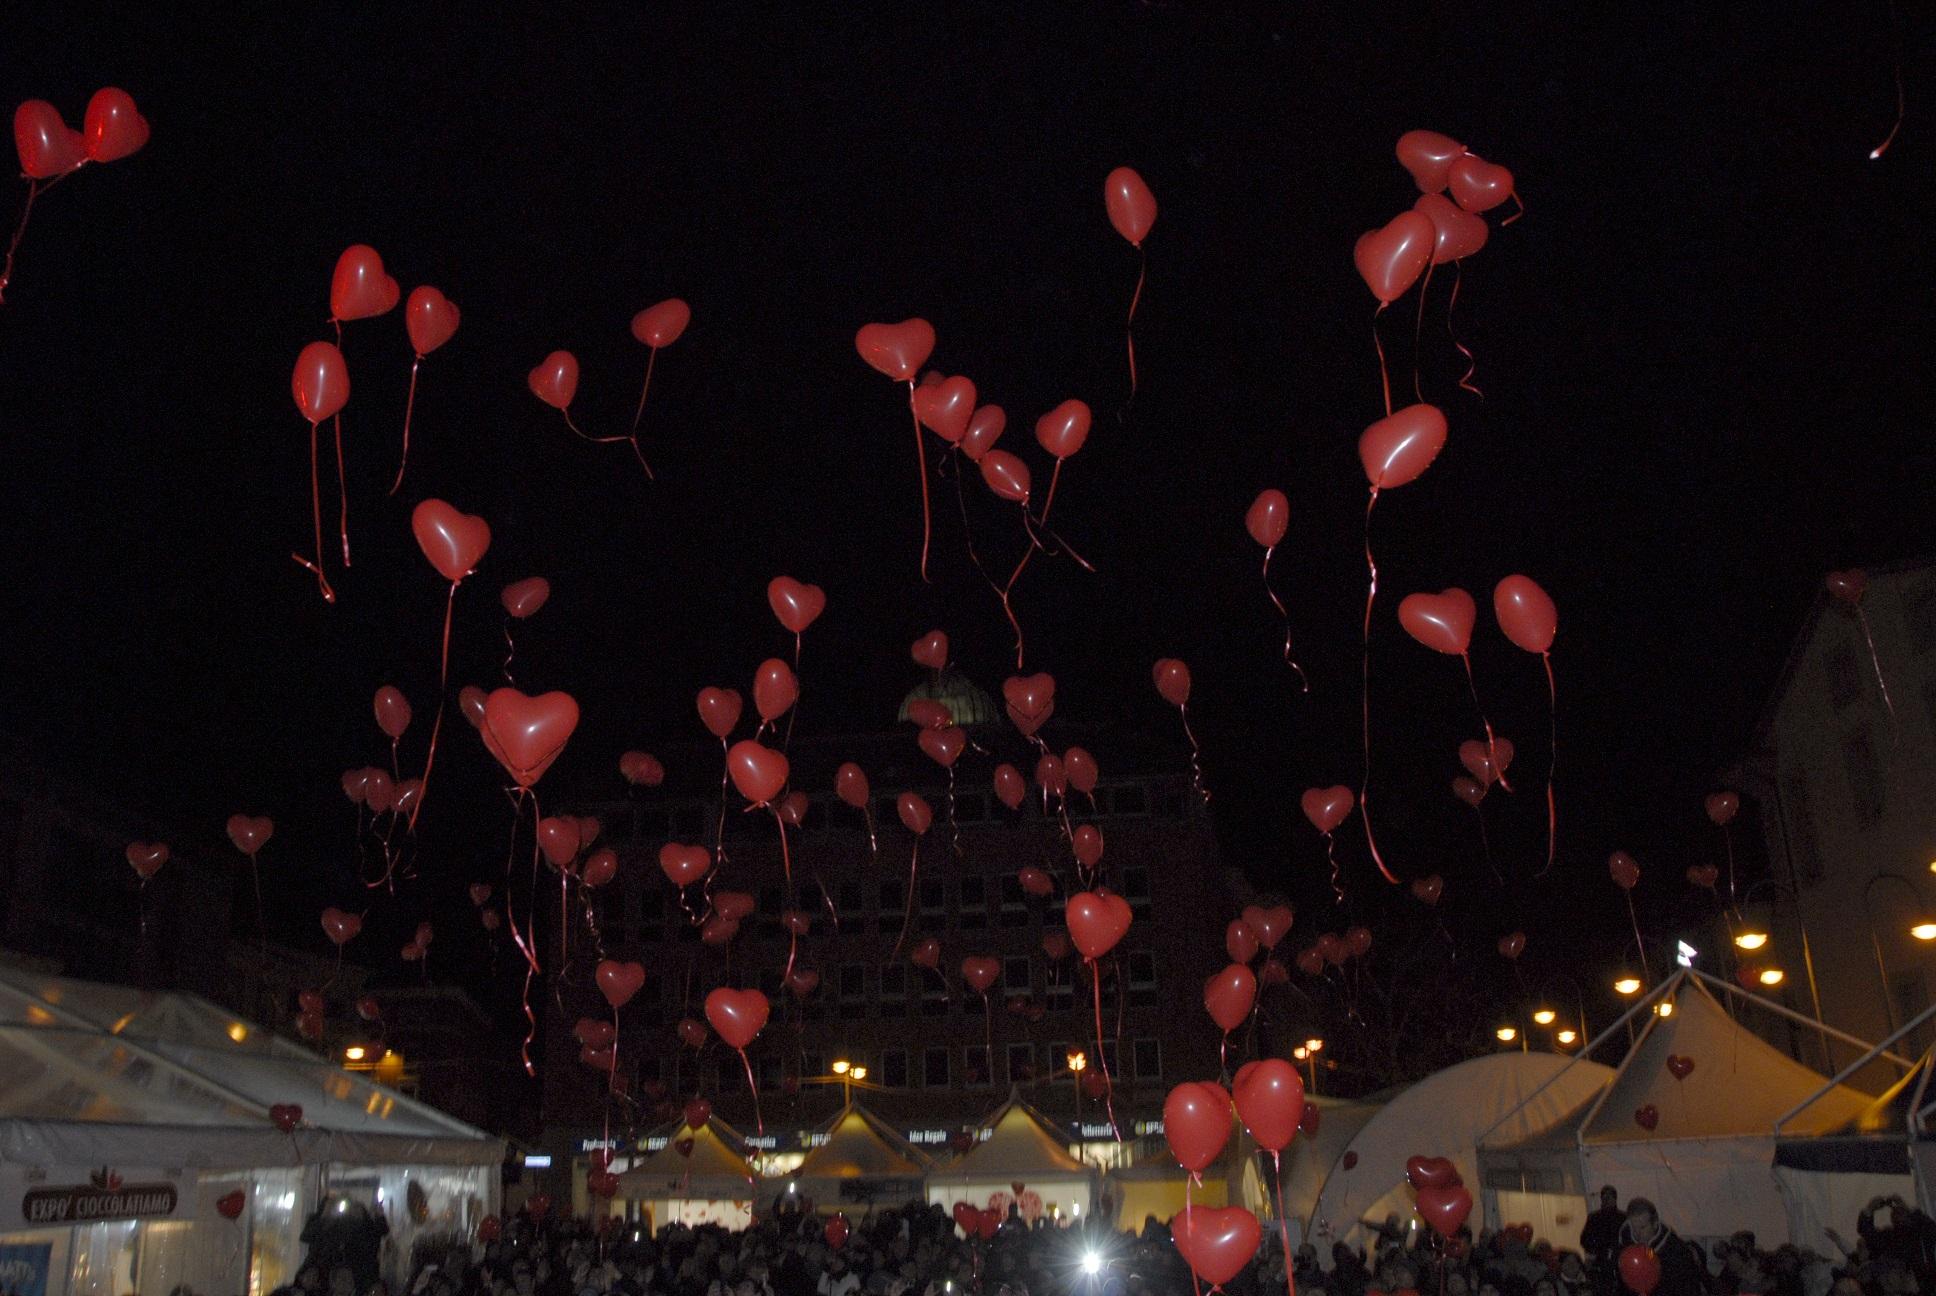 La città di San Valentino in festa per celebrare il giorno più dolce dell'anno